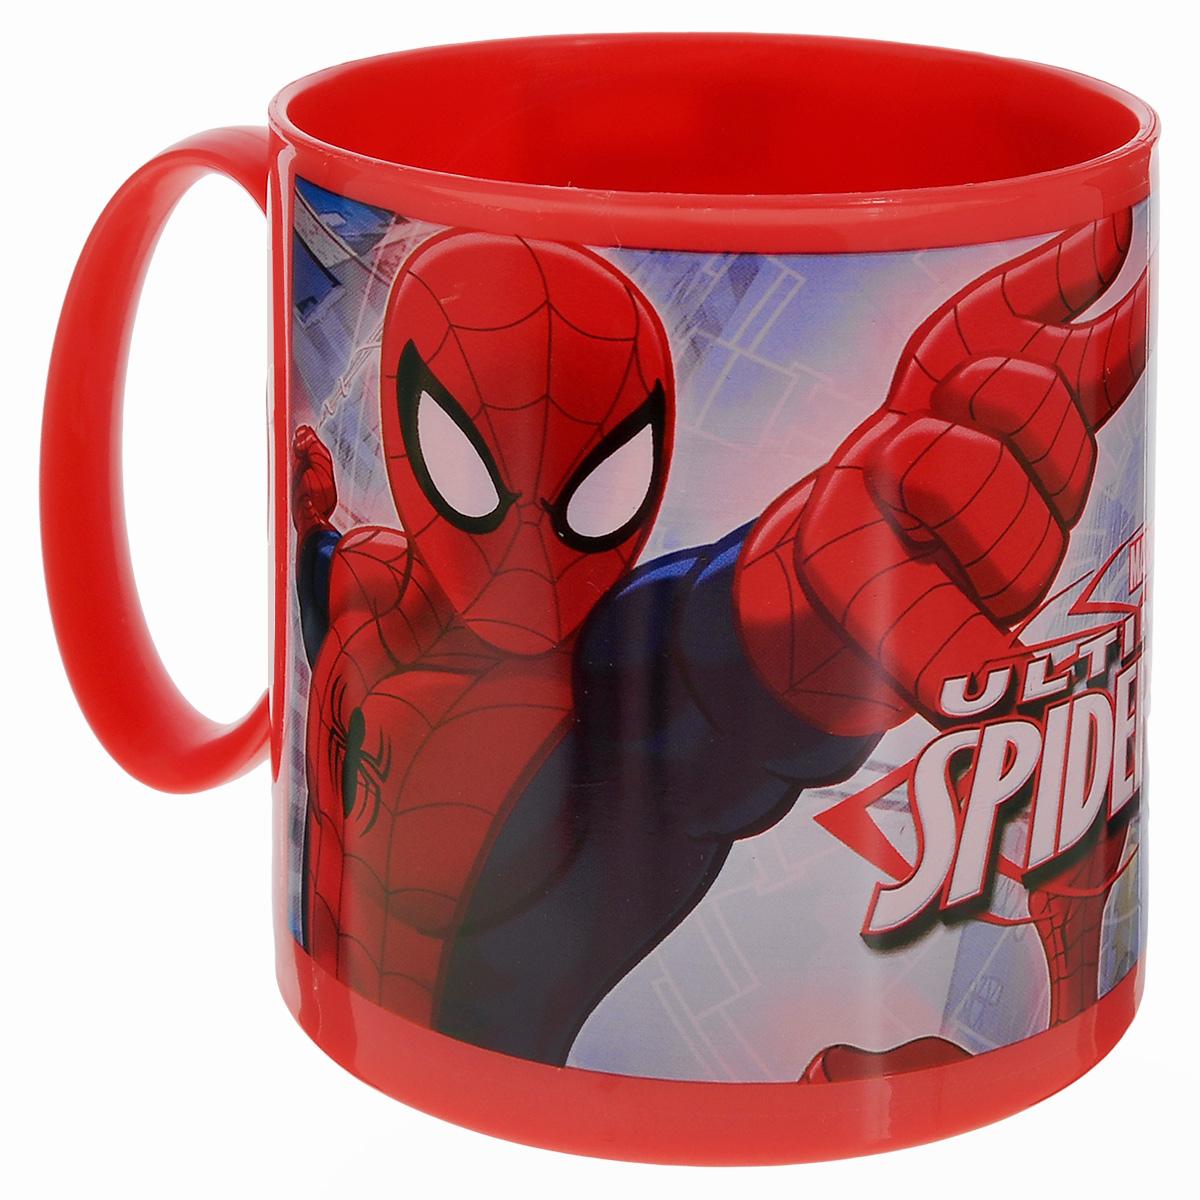 Кружка Marvel Spider-Man, цвет: красный, 350 мл47304_красныйЯркая кружка Marvel Spider-Man, изготовленная из безопасного пластика, непременно понравится юному обладателю. Оформлена изображением супергероя - человека-паука из одноименного мультсериала. Кружка дополнена удобной ручкой. Рекомендуется для детей от: 3 лет.